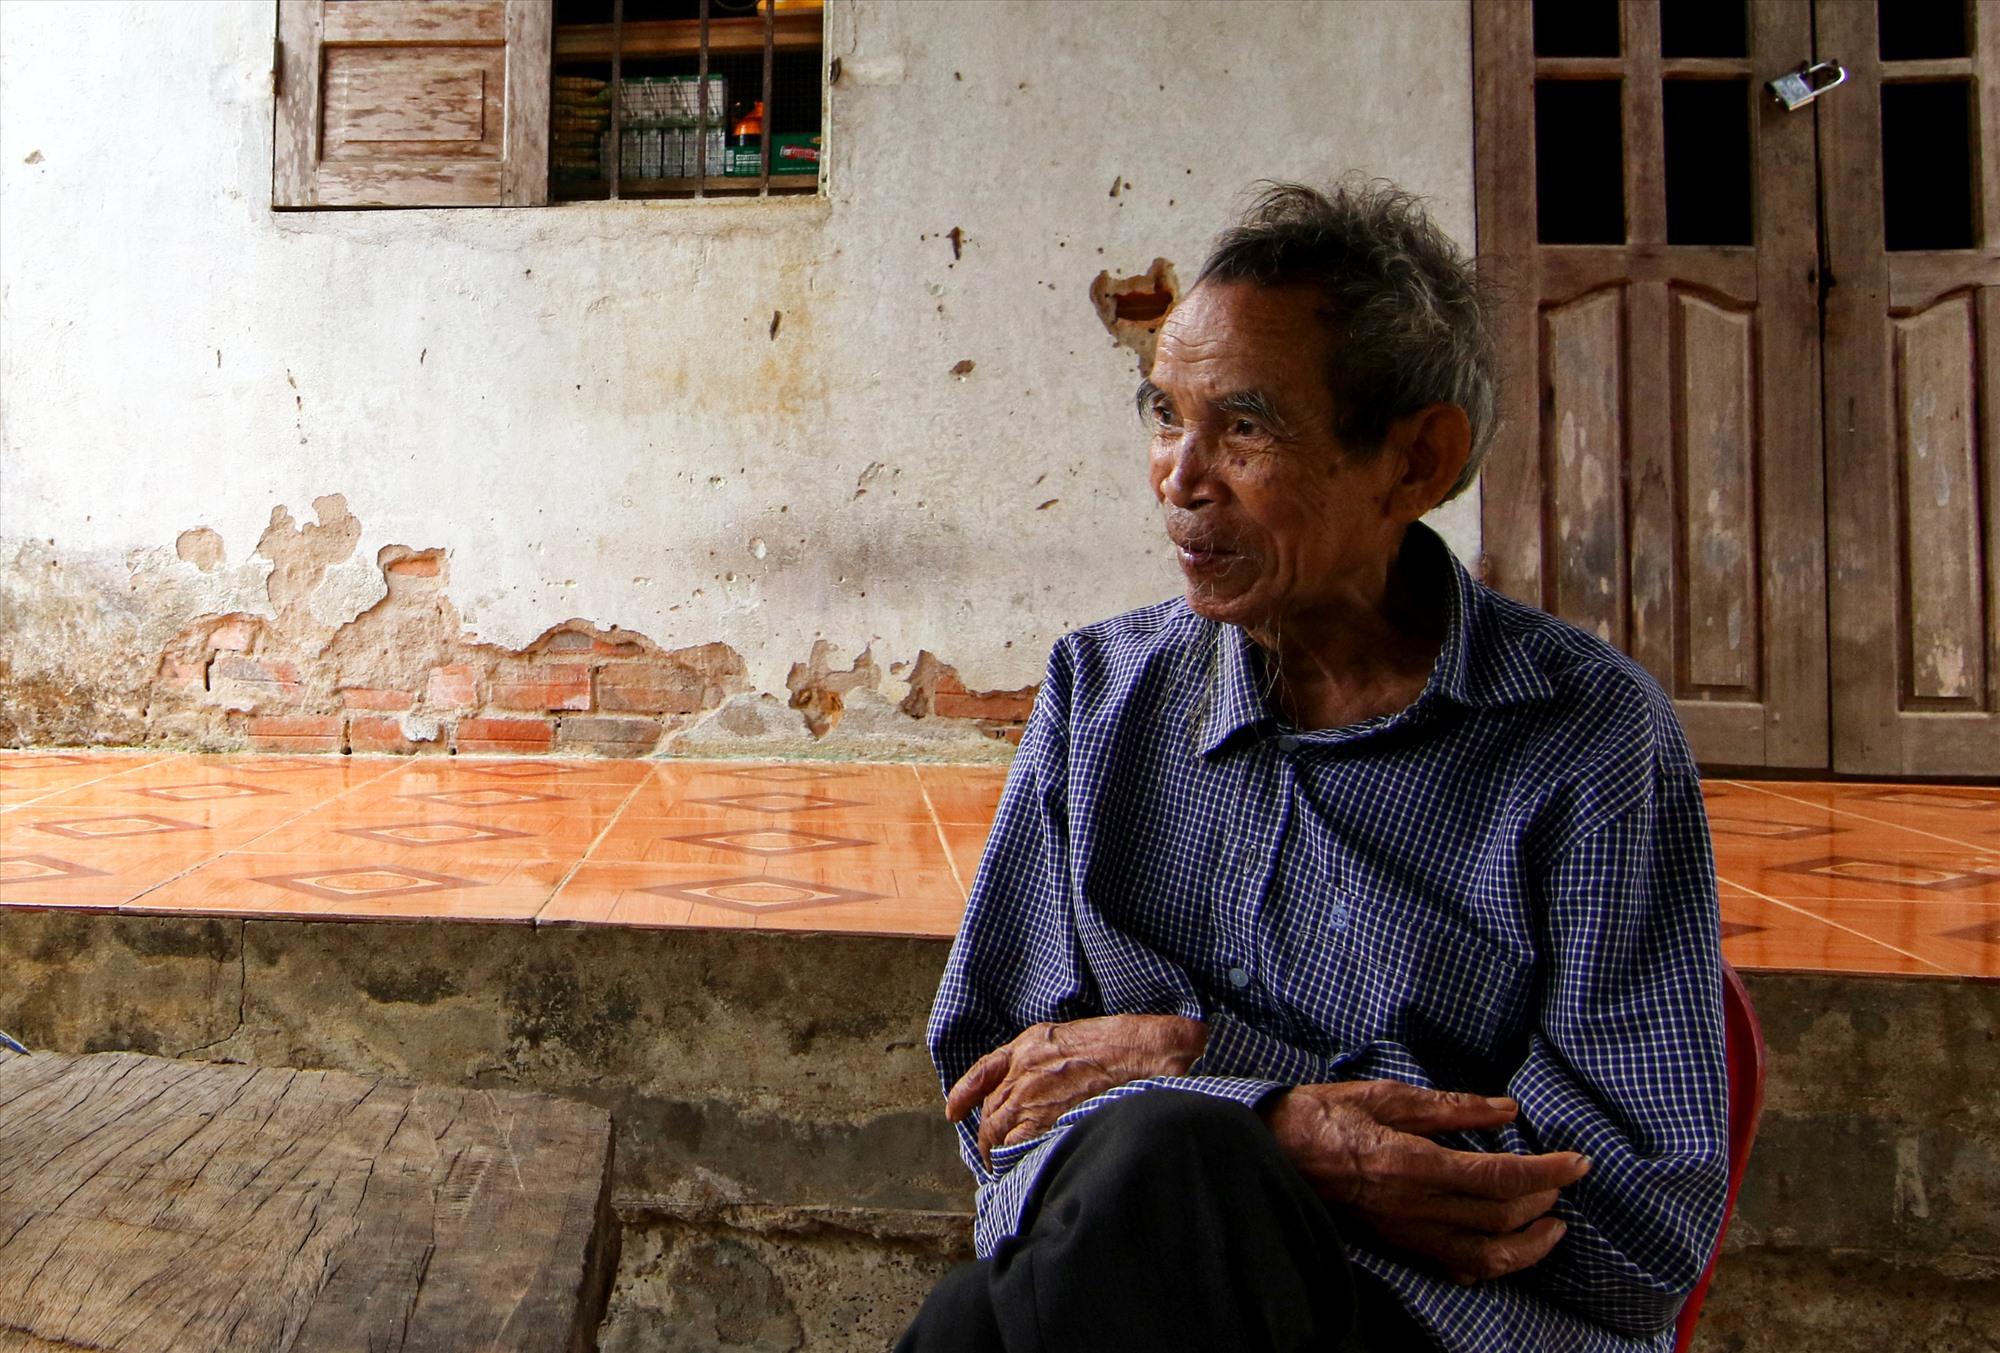 Ông Hồ Văn Loan, người duy nhất trong số 11 người đội tự vệ làng ông Tía còn sống. Ảnh: T.C